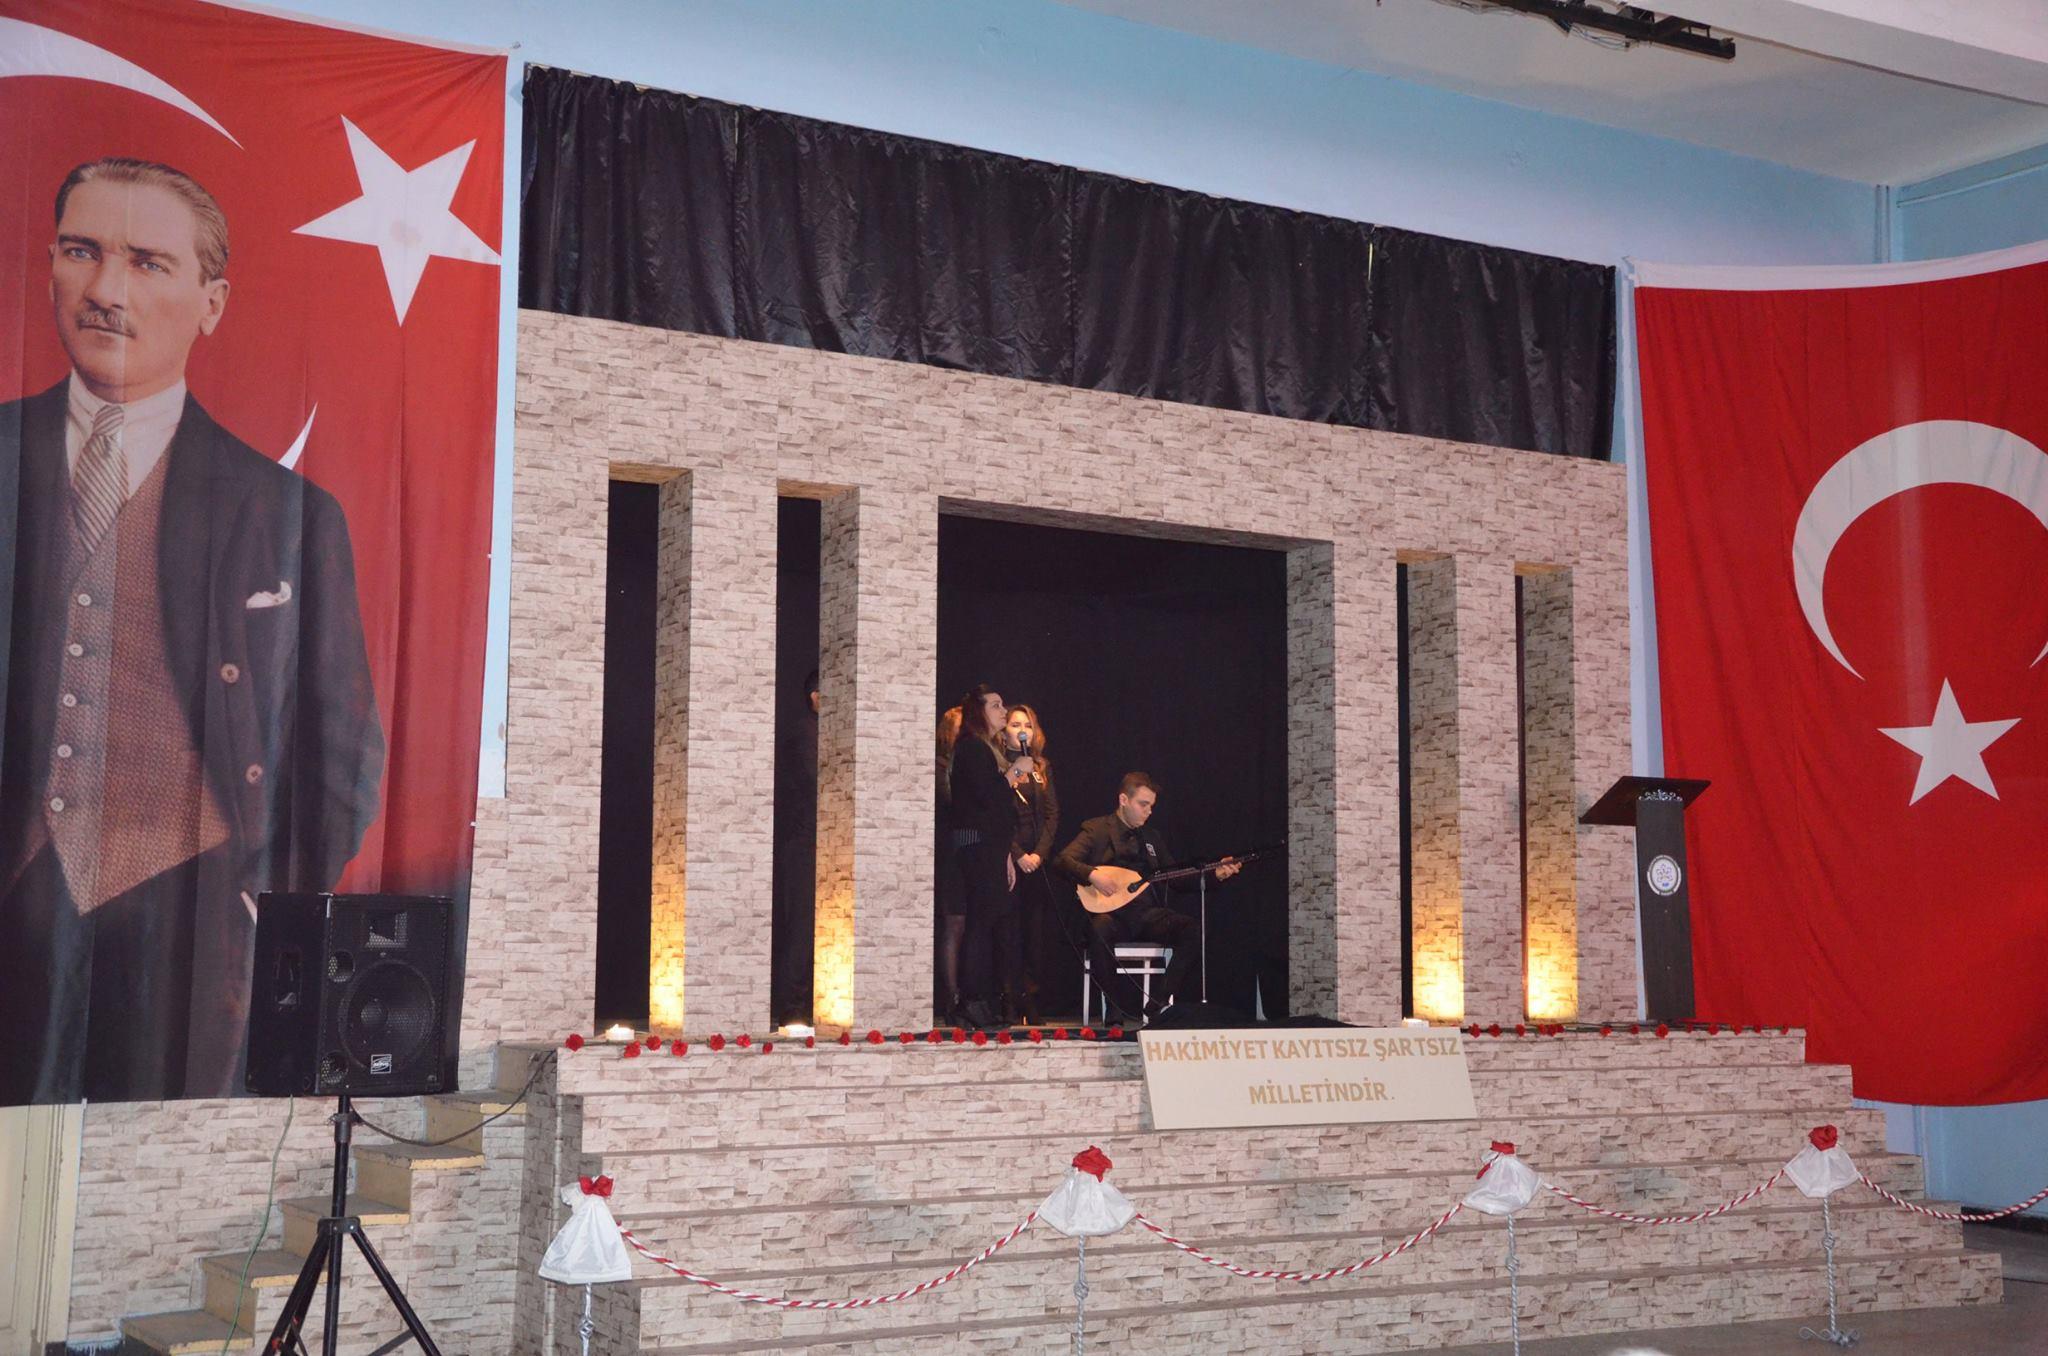 10 Kasım Atatürk'ü Anma Programı ilçemiz Endüstri Meslek Lisesinde Sivrihisar Kaymakamı Erdinç Yılmaz, Sivrihisar Hava Meydan ve Garnizon Komutanı Sadık Albayrak, Sivrihisar Belediye Başkanımız Hamid Yüzügüllü katılımıyla gerçekleşti. Düzenlenen programda Gazi Mustafa Kemal Atatürk, silah arkadaşları ve tüm şehitlerimiz saygı ve rahmet ile anıldı.